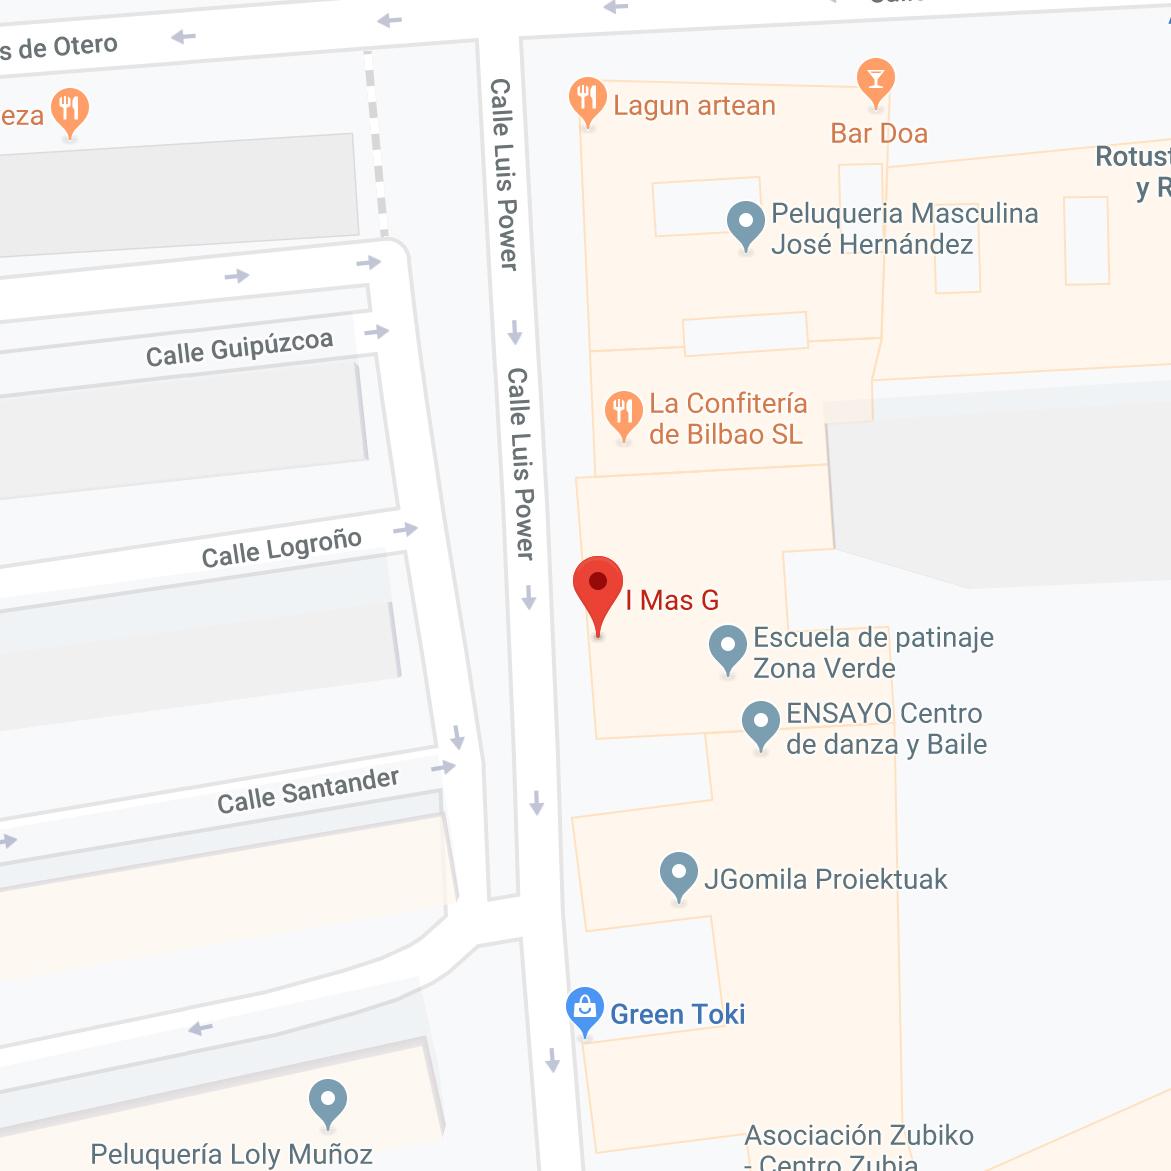 localizacion-contacta-imasg